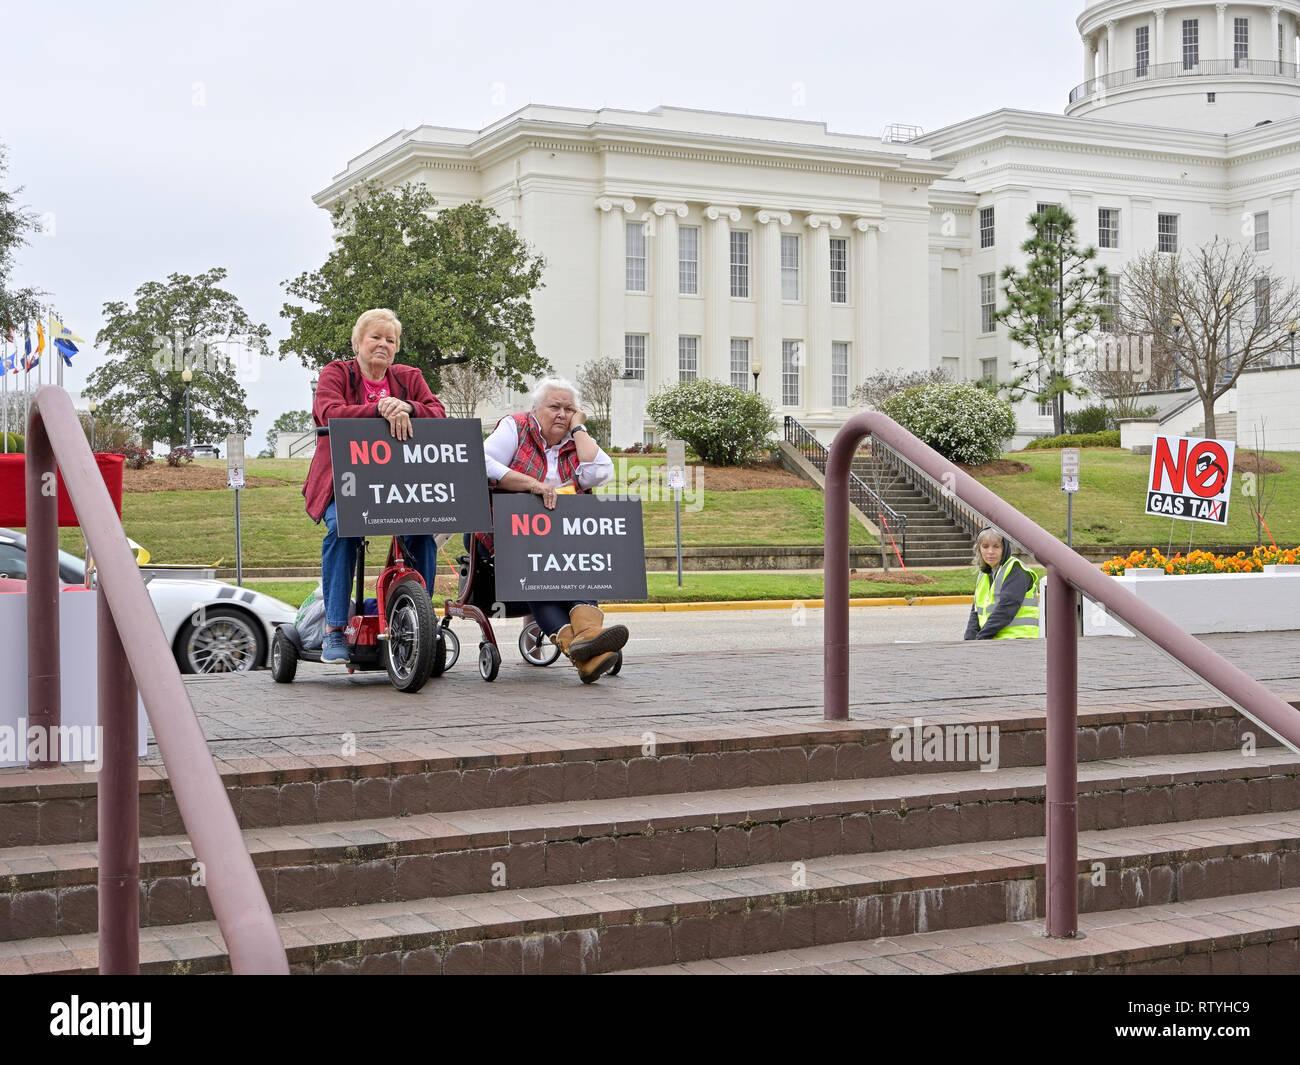 Dos ancianos o mujeres mayores en sillas de ruedas portando letreros de no más impuestos escuchar a un orador protestando por elevados impuestos a la gasolina en Alabama, Estados Unidos. Imagen De Stock